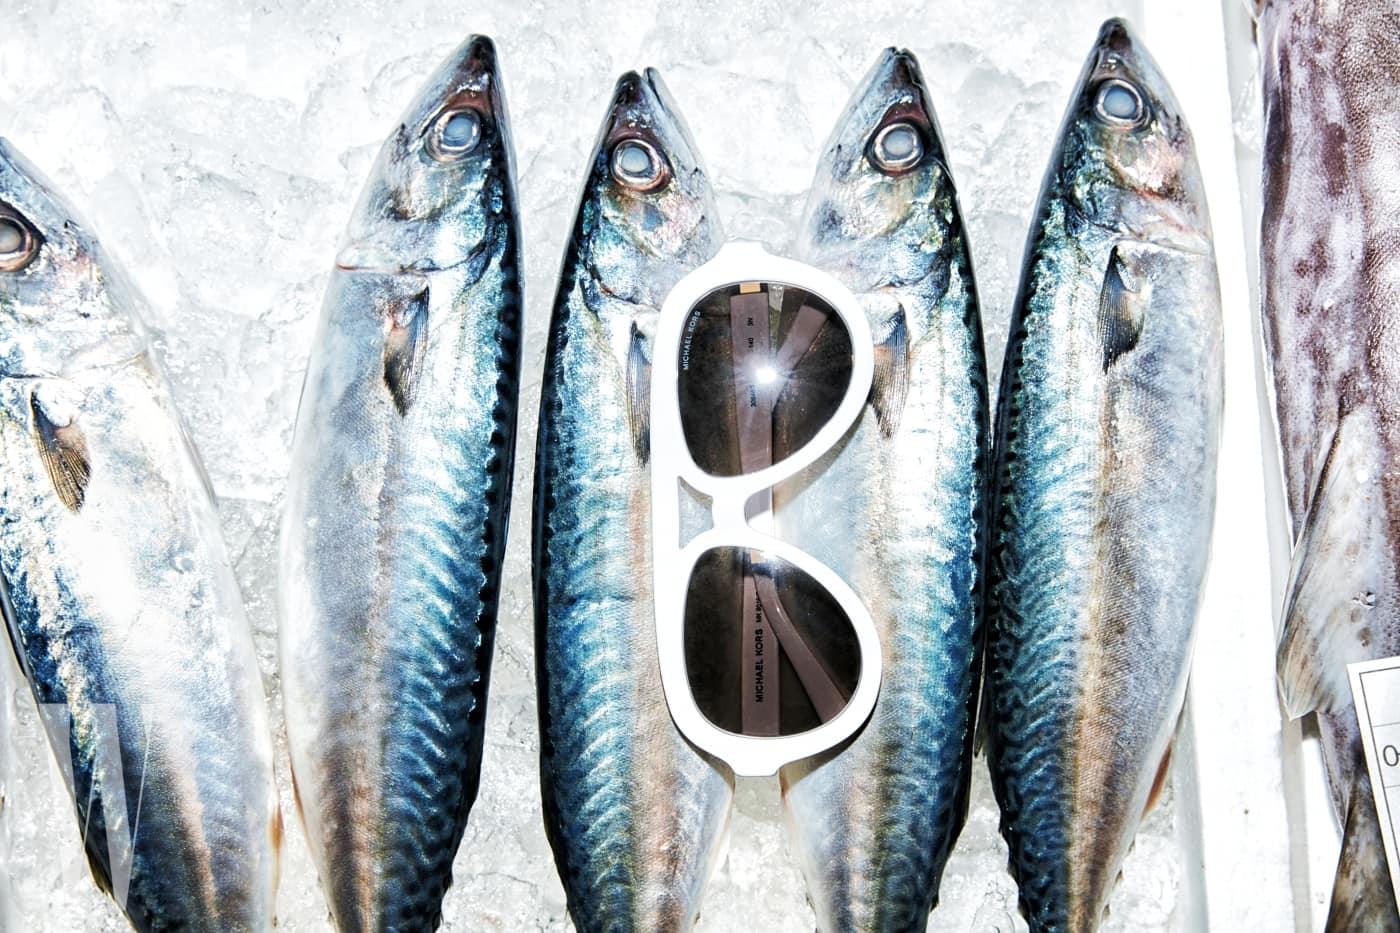 고등어 위에 놓인 과감한 크기의 하얀색 보잉 선글라스는 마이클 마이클 코어스 제품. 가격 미정.